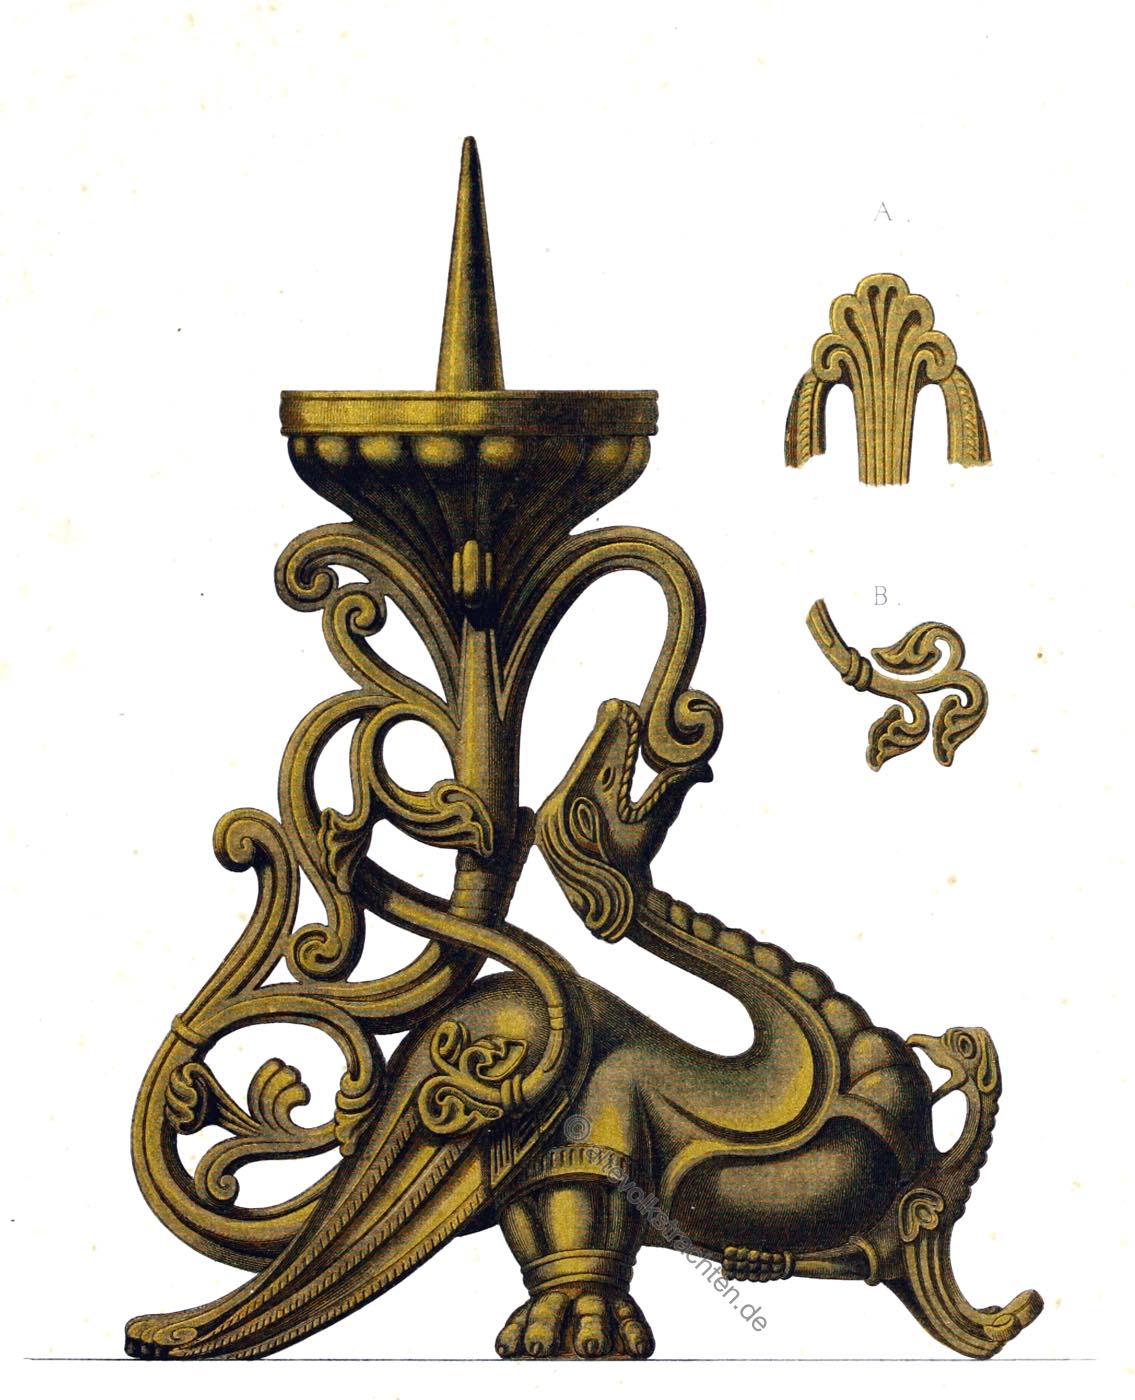 Hefner-Alteneck, Bronzeleuchter, Mittelalter, Handwerk, Kirchengerät, Kunsthandwerk,